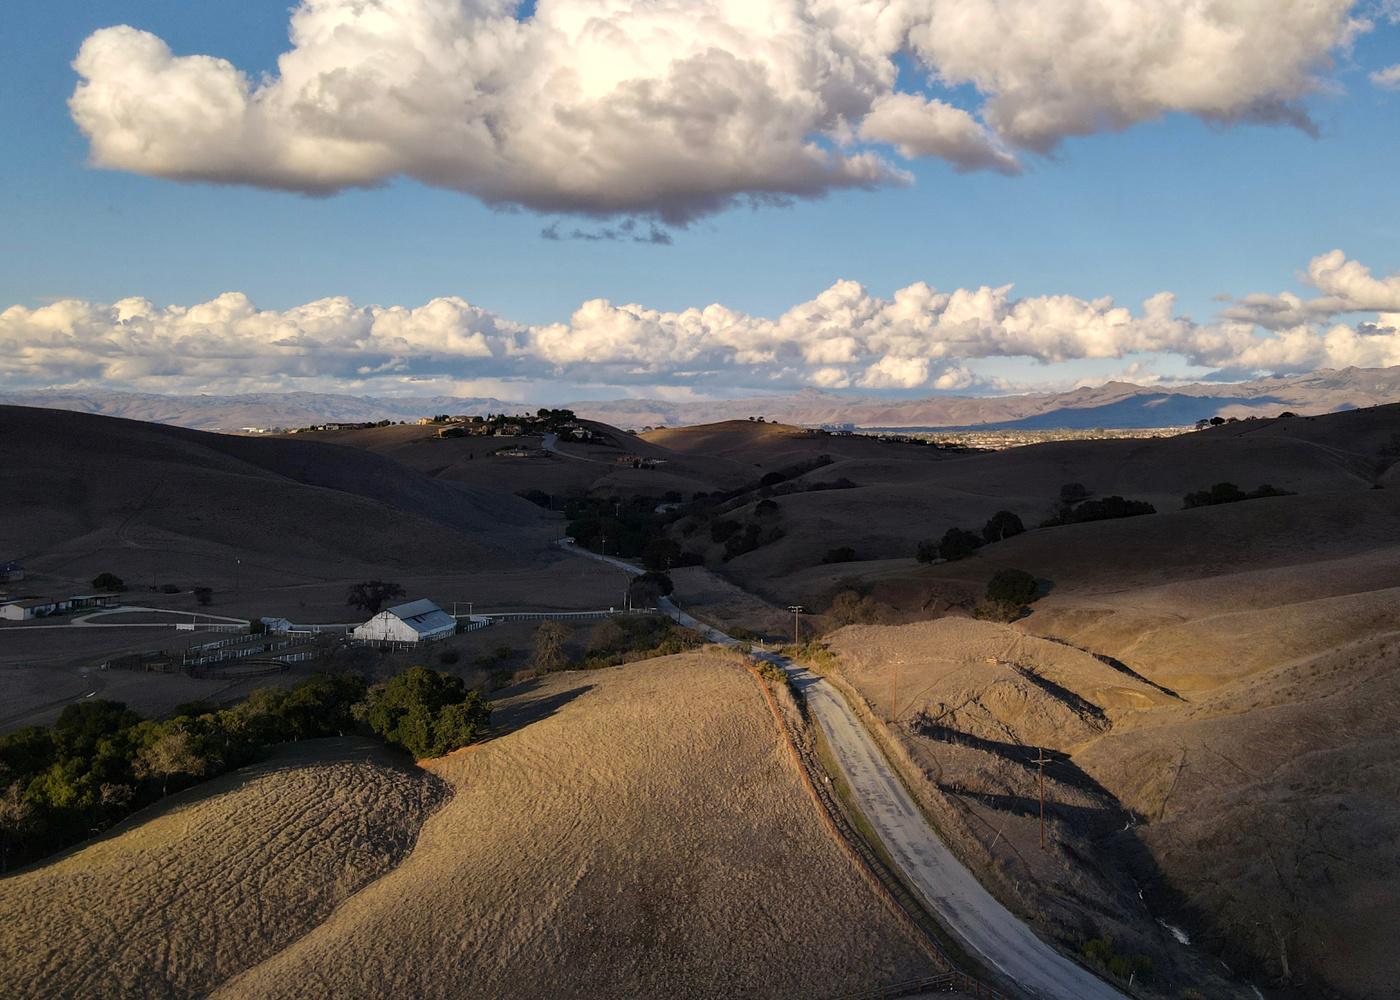 Countryside by Joe Burdick